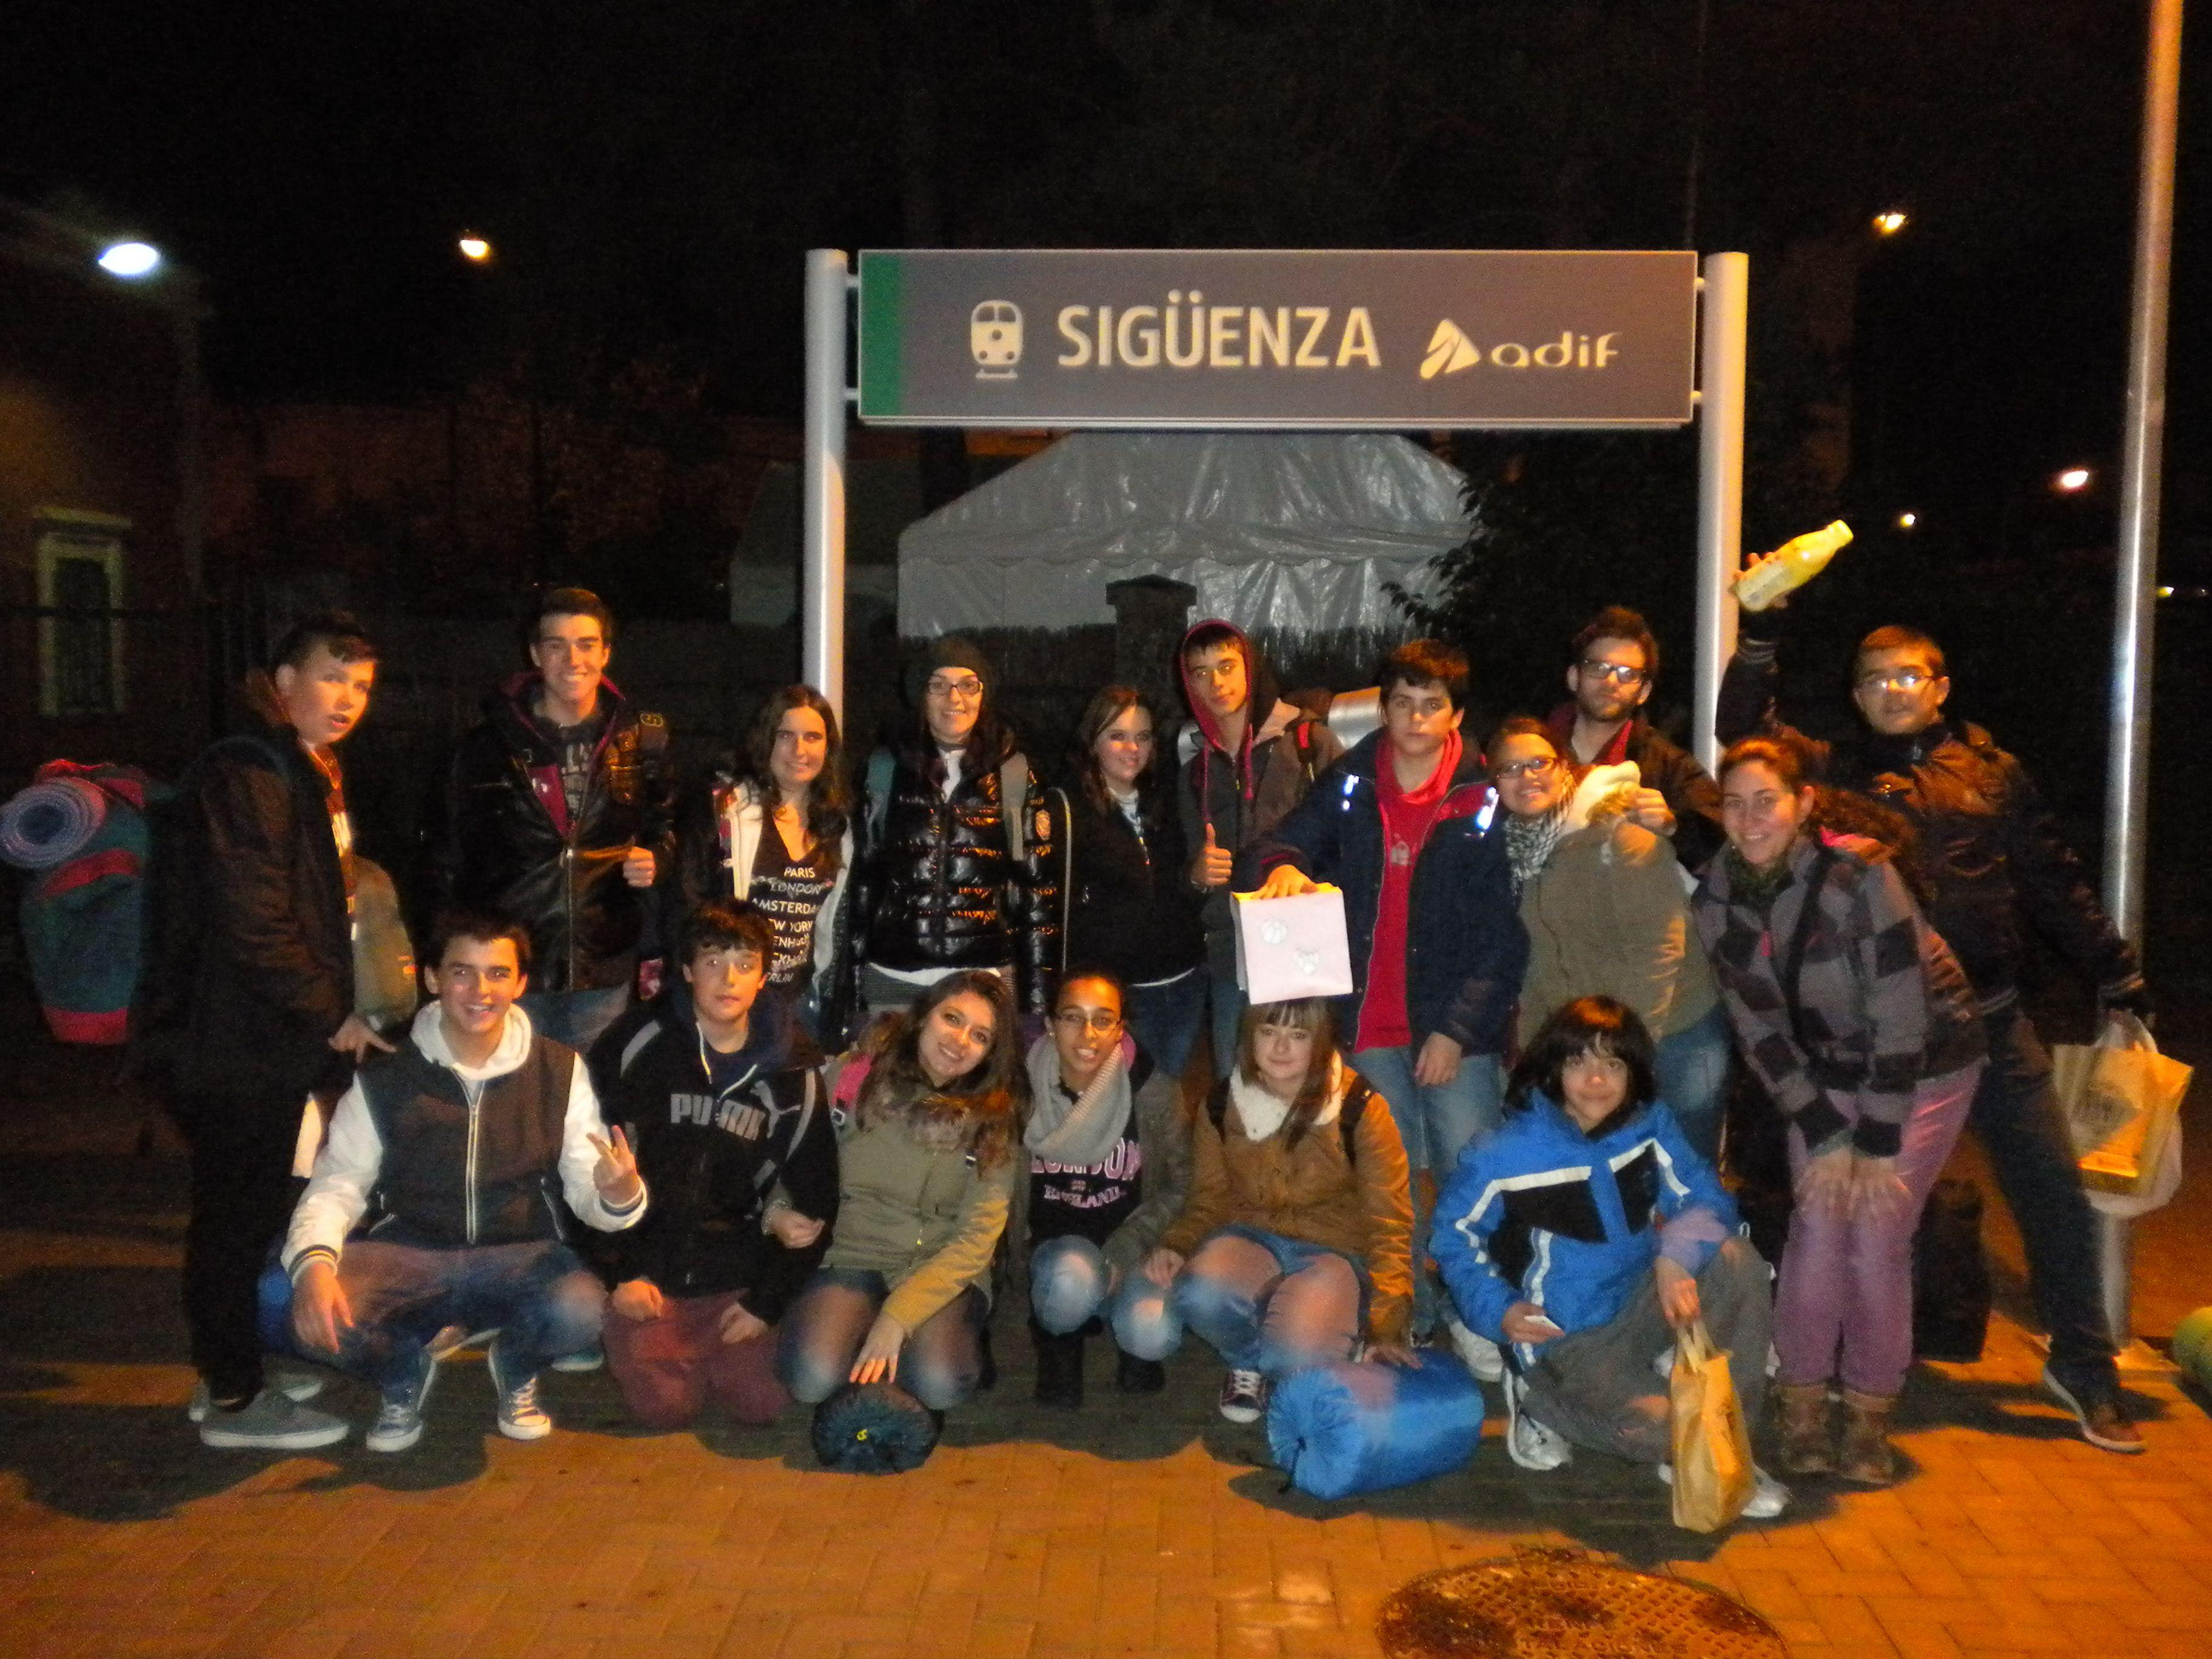 Despedida a los jóvenes de Alovera en la estación de tren de Sigüenza. http://lasalamandrasiguenza.wordpress.com/2013/10/18/i-encuentro-de-centros-jovenes-de-alovera-y-la-salamandra-de-siguenza/